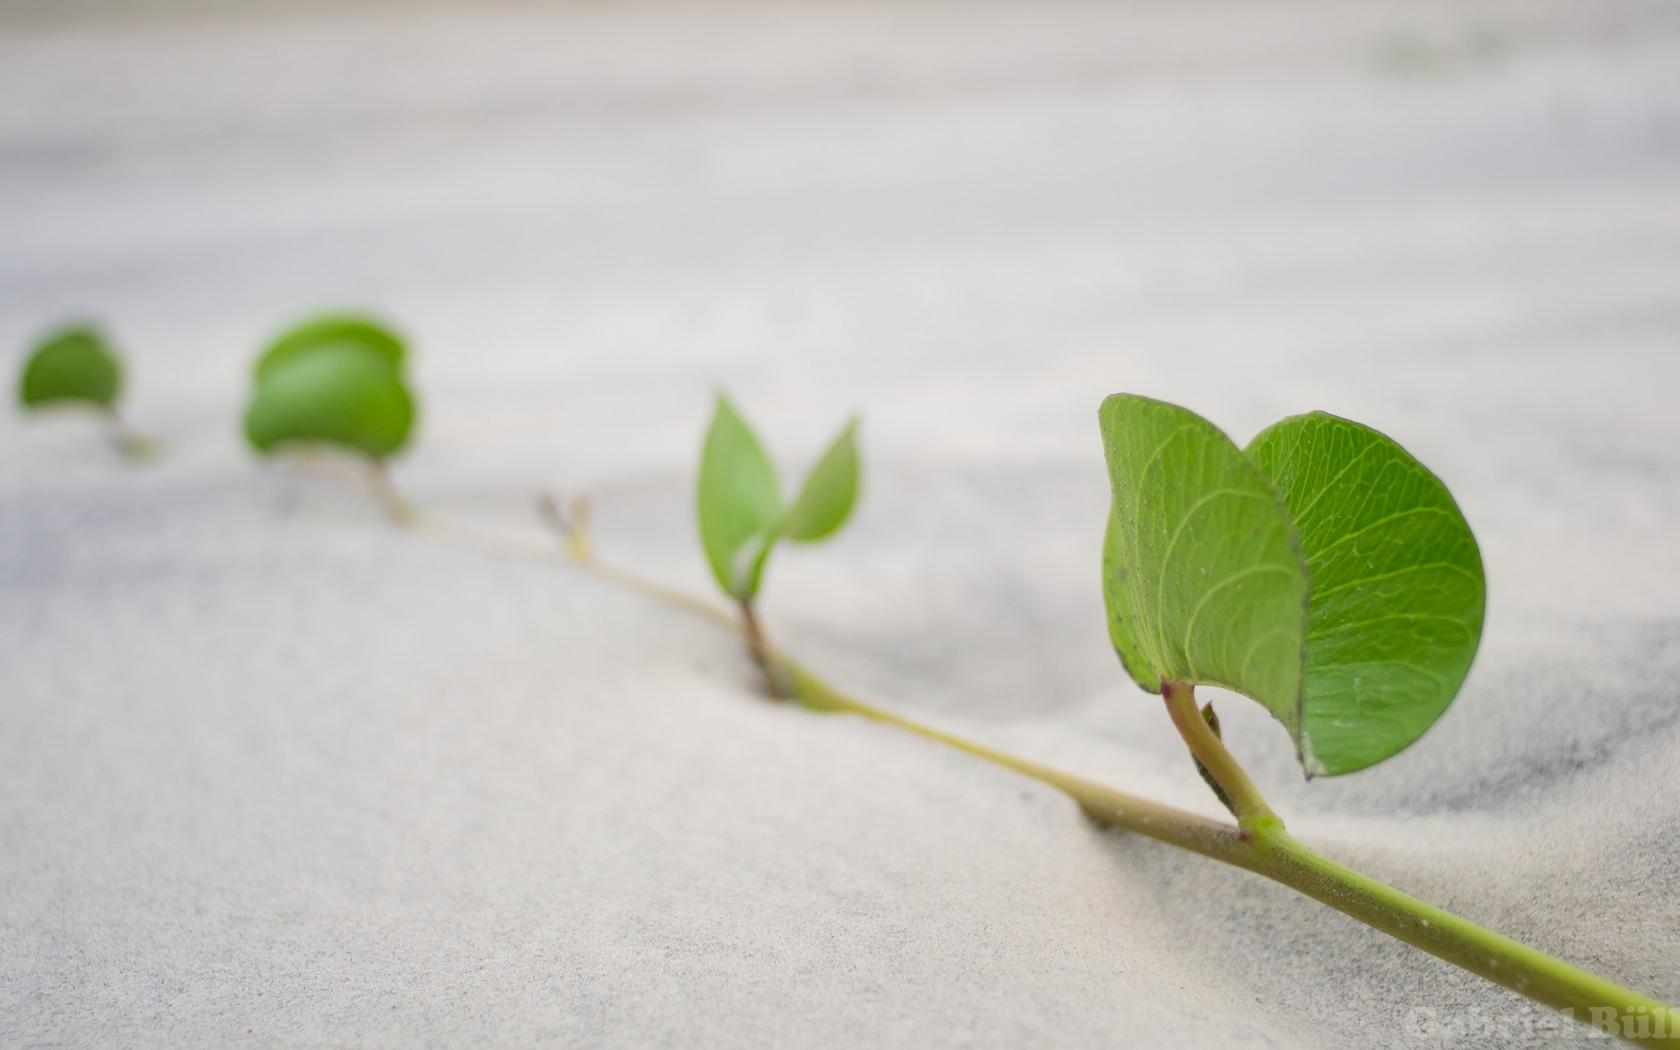 Hojas de plantas en la arena - 1680x1050